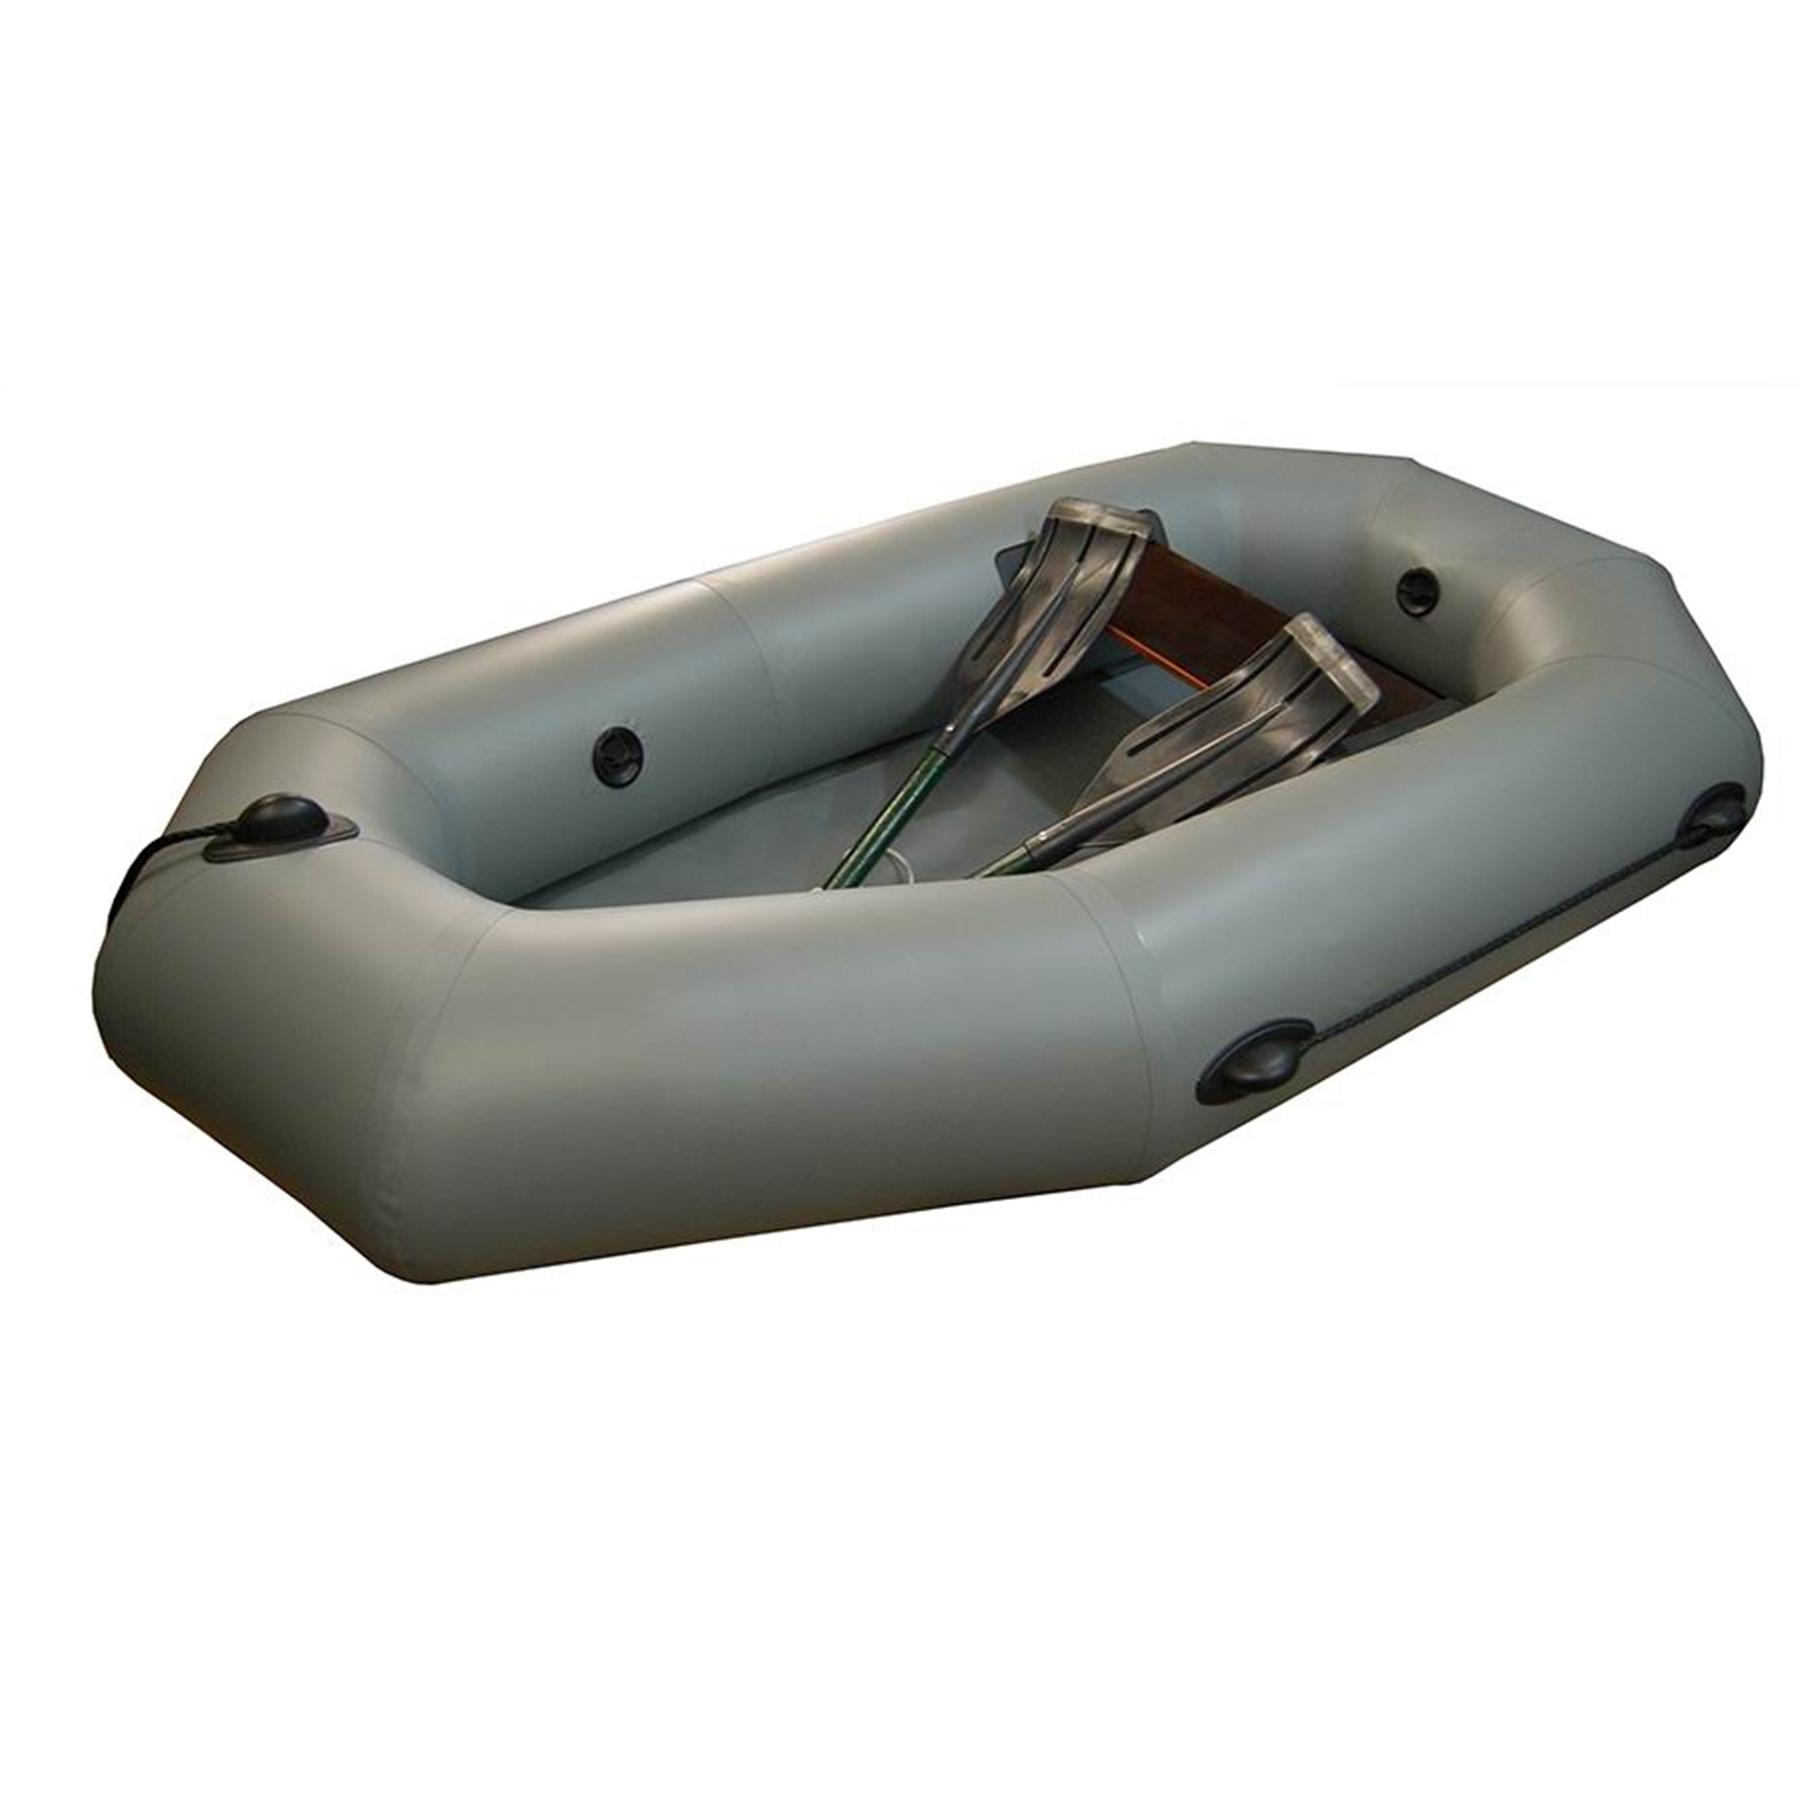 Лодка Олимп - 175 /  180 с гребками (175*100см, гр.под.150 кг,2отс.,7 кг,ж.сид.)